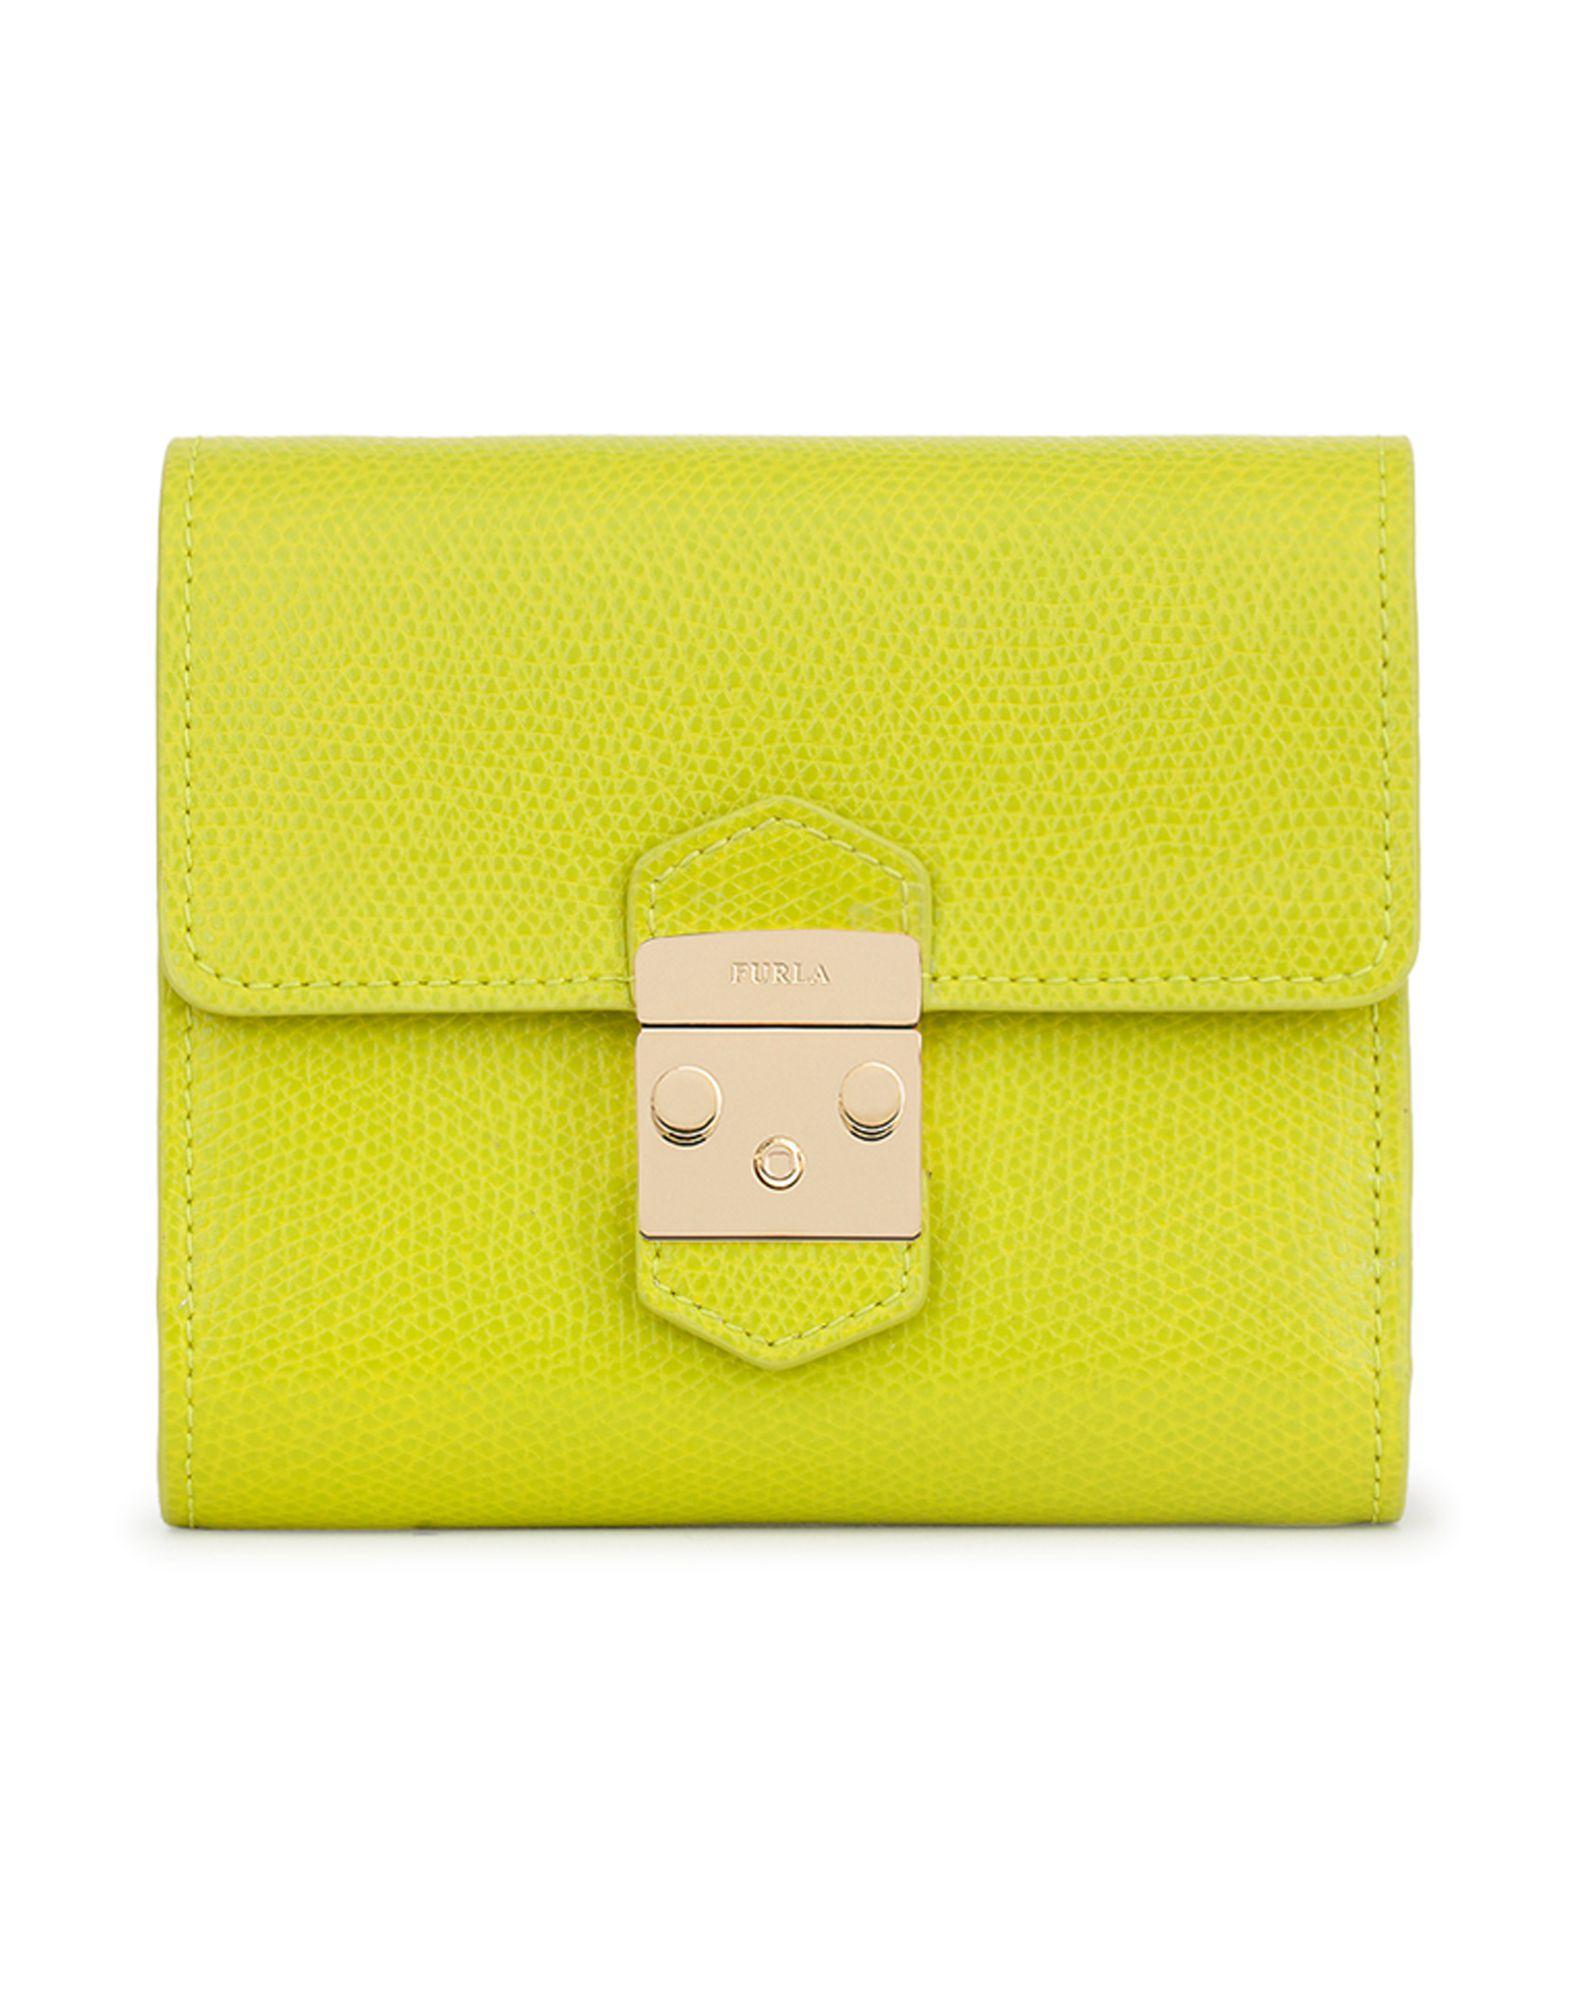 d3d93503ba58 Buy wallets small leather goods for women - Best women's wallets ...